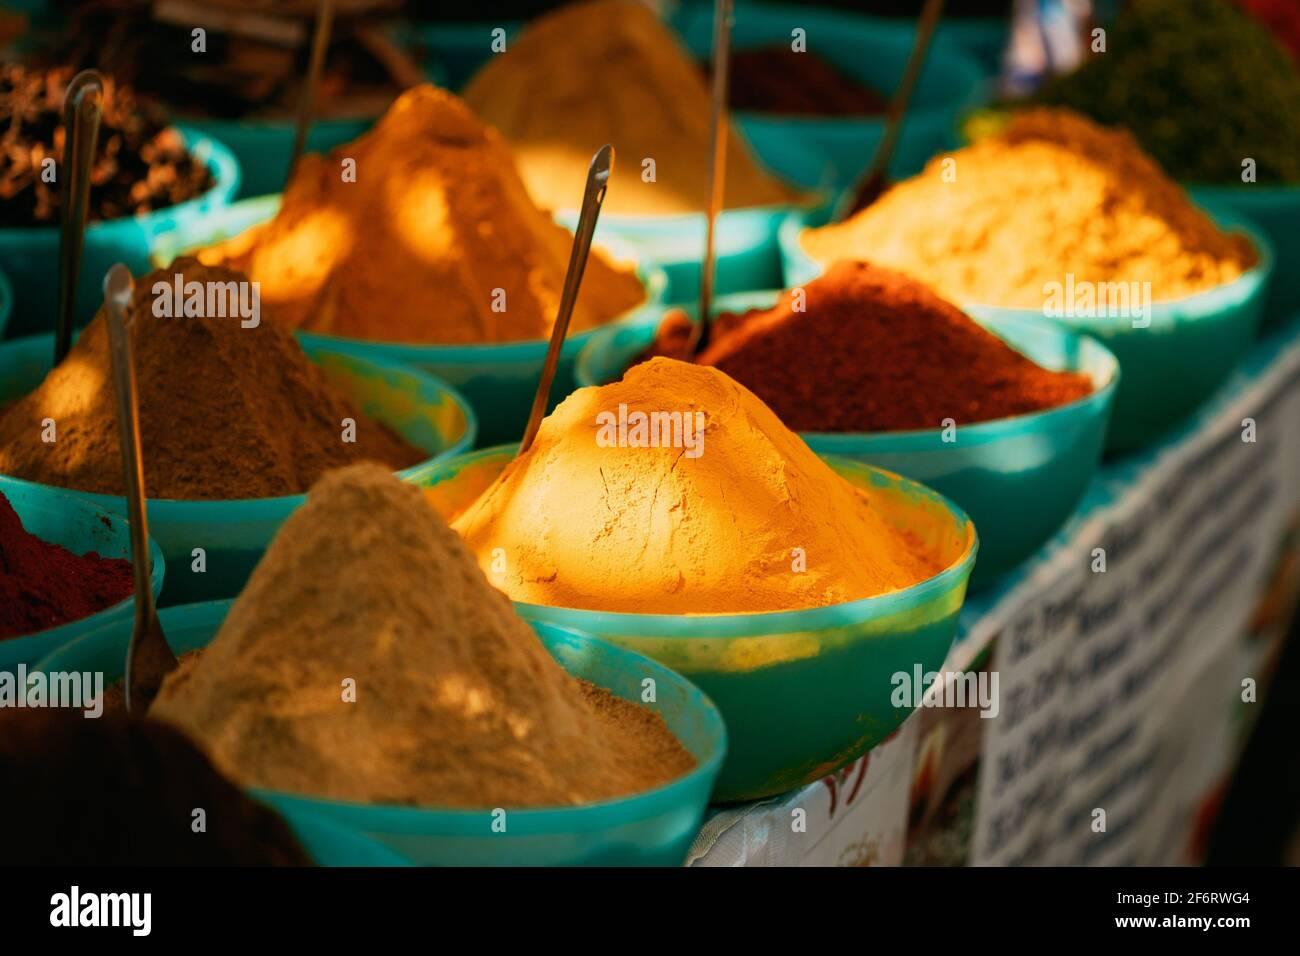 Vue rapprochée du curry de Masala, couleurs vives parfumées de la saison, condiment dans le plateau sur le marché alimentaire local, Bazar. Banque D'Images